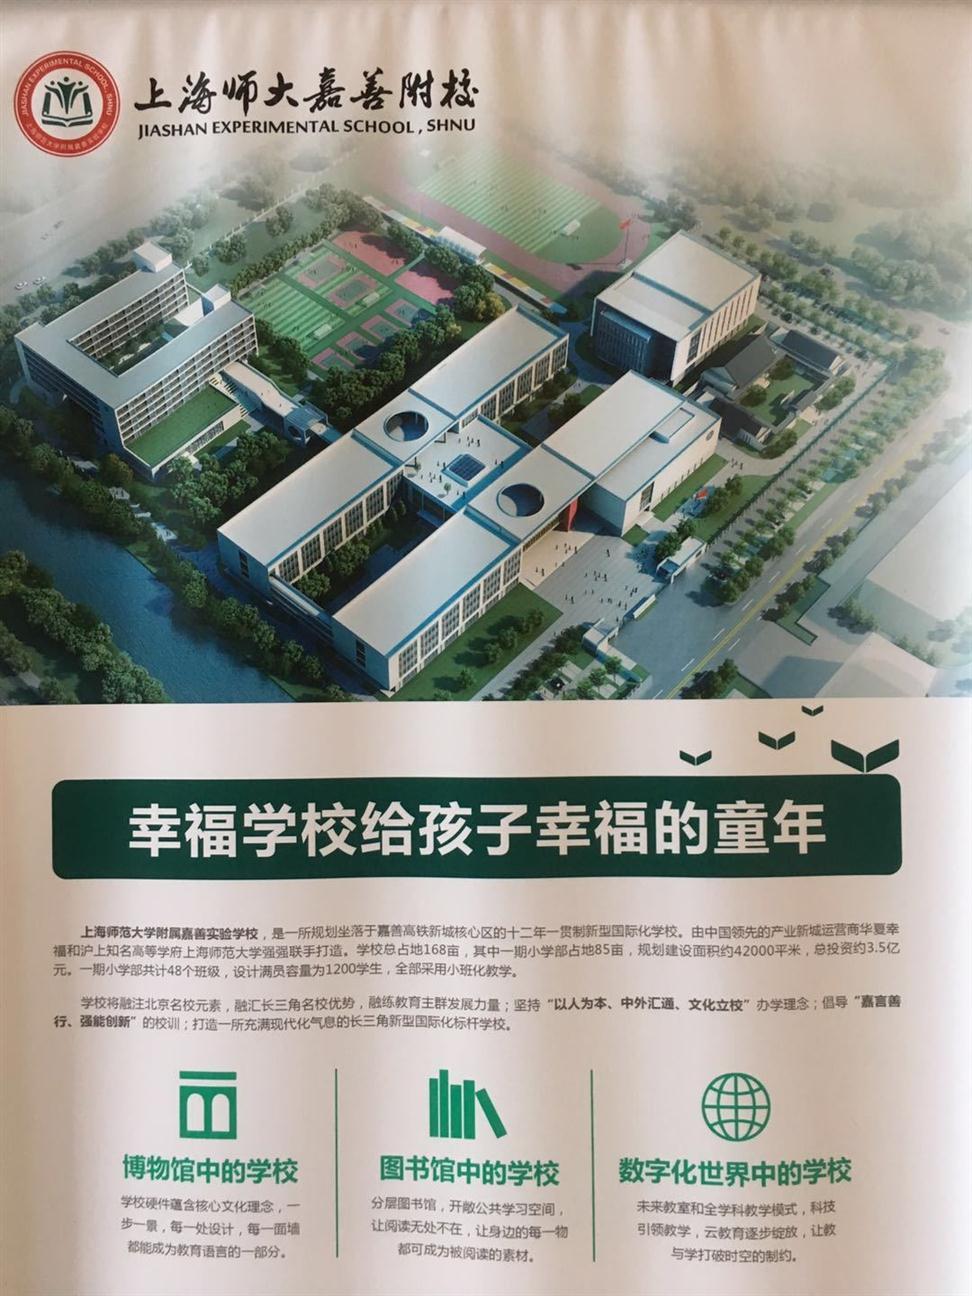 上海孔雀城楼盘详情介绍 安全可靠